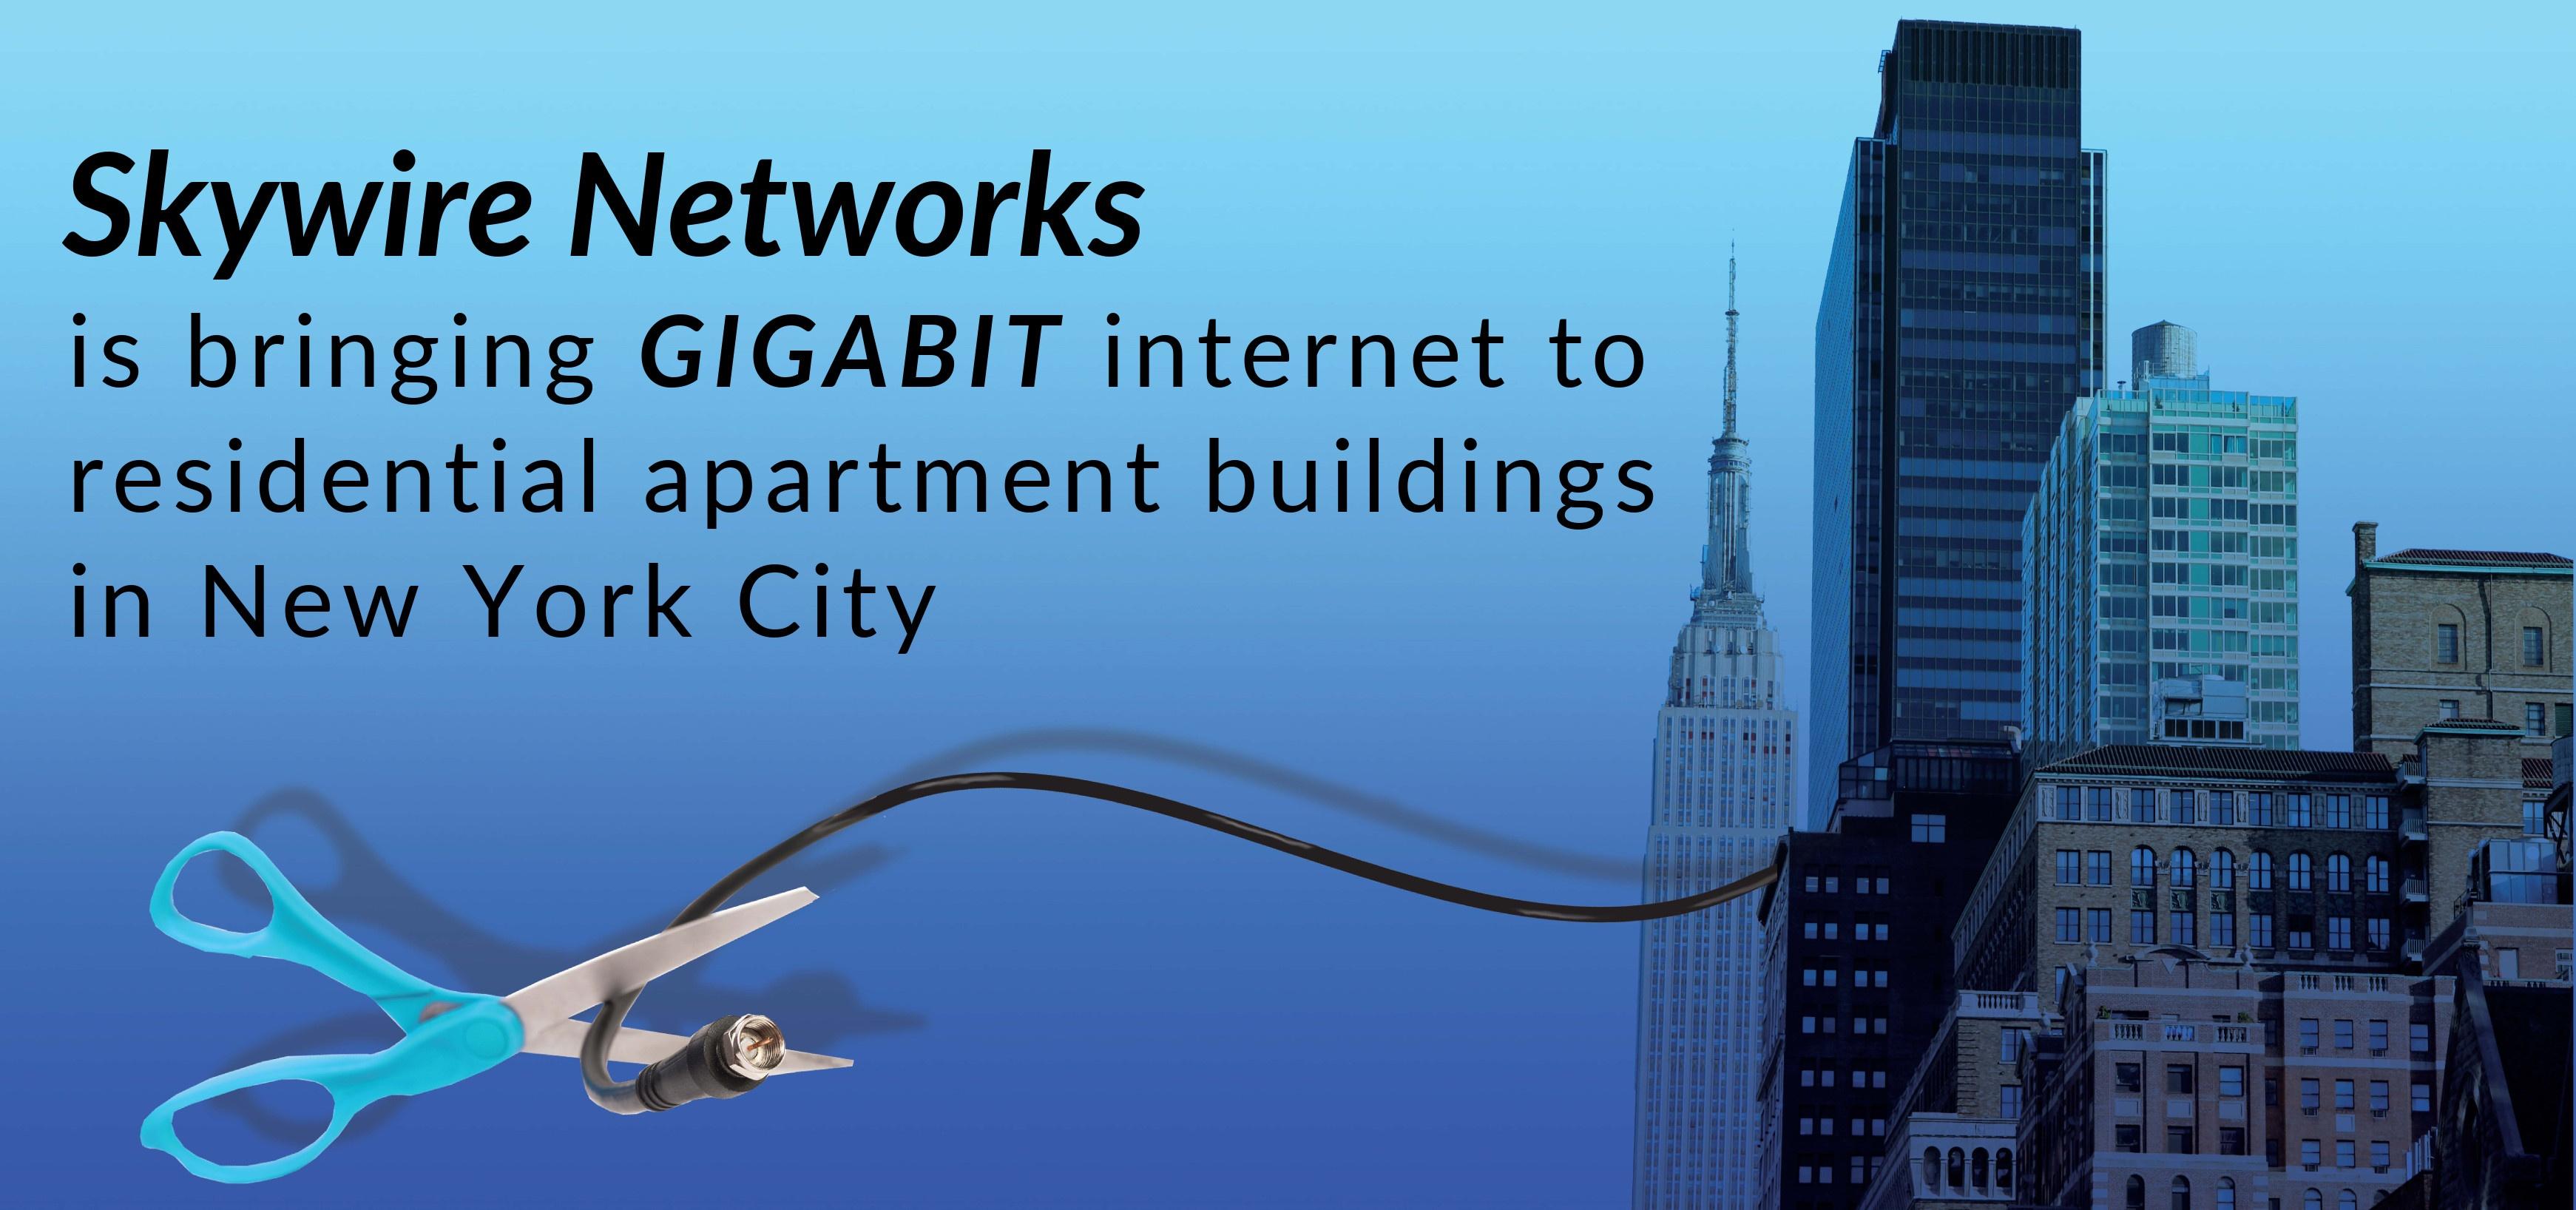 Gigabit NYC Residential Internet V4.jpg